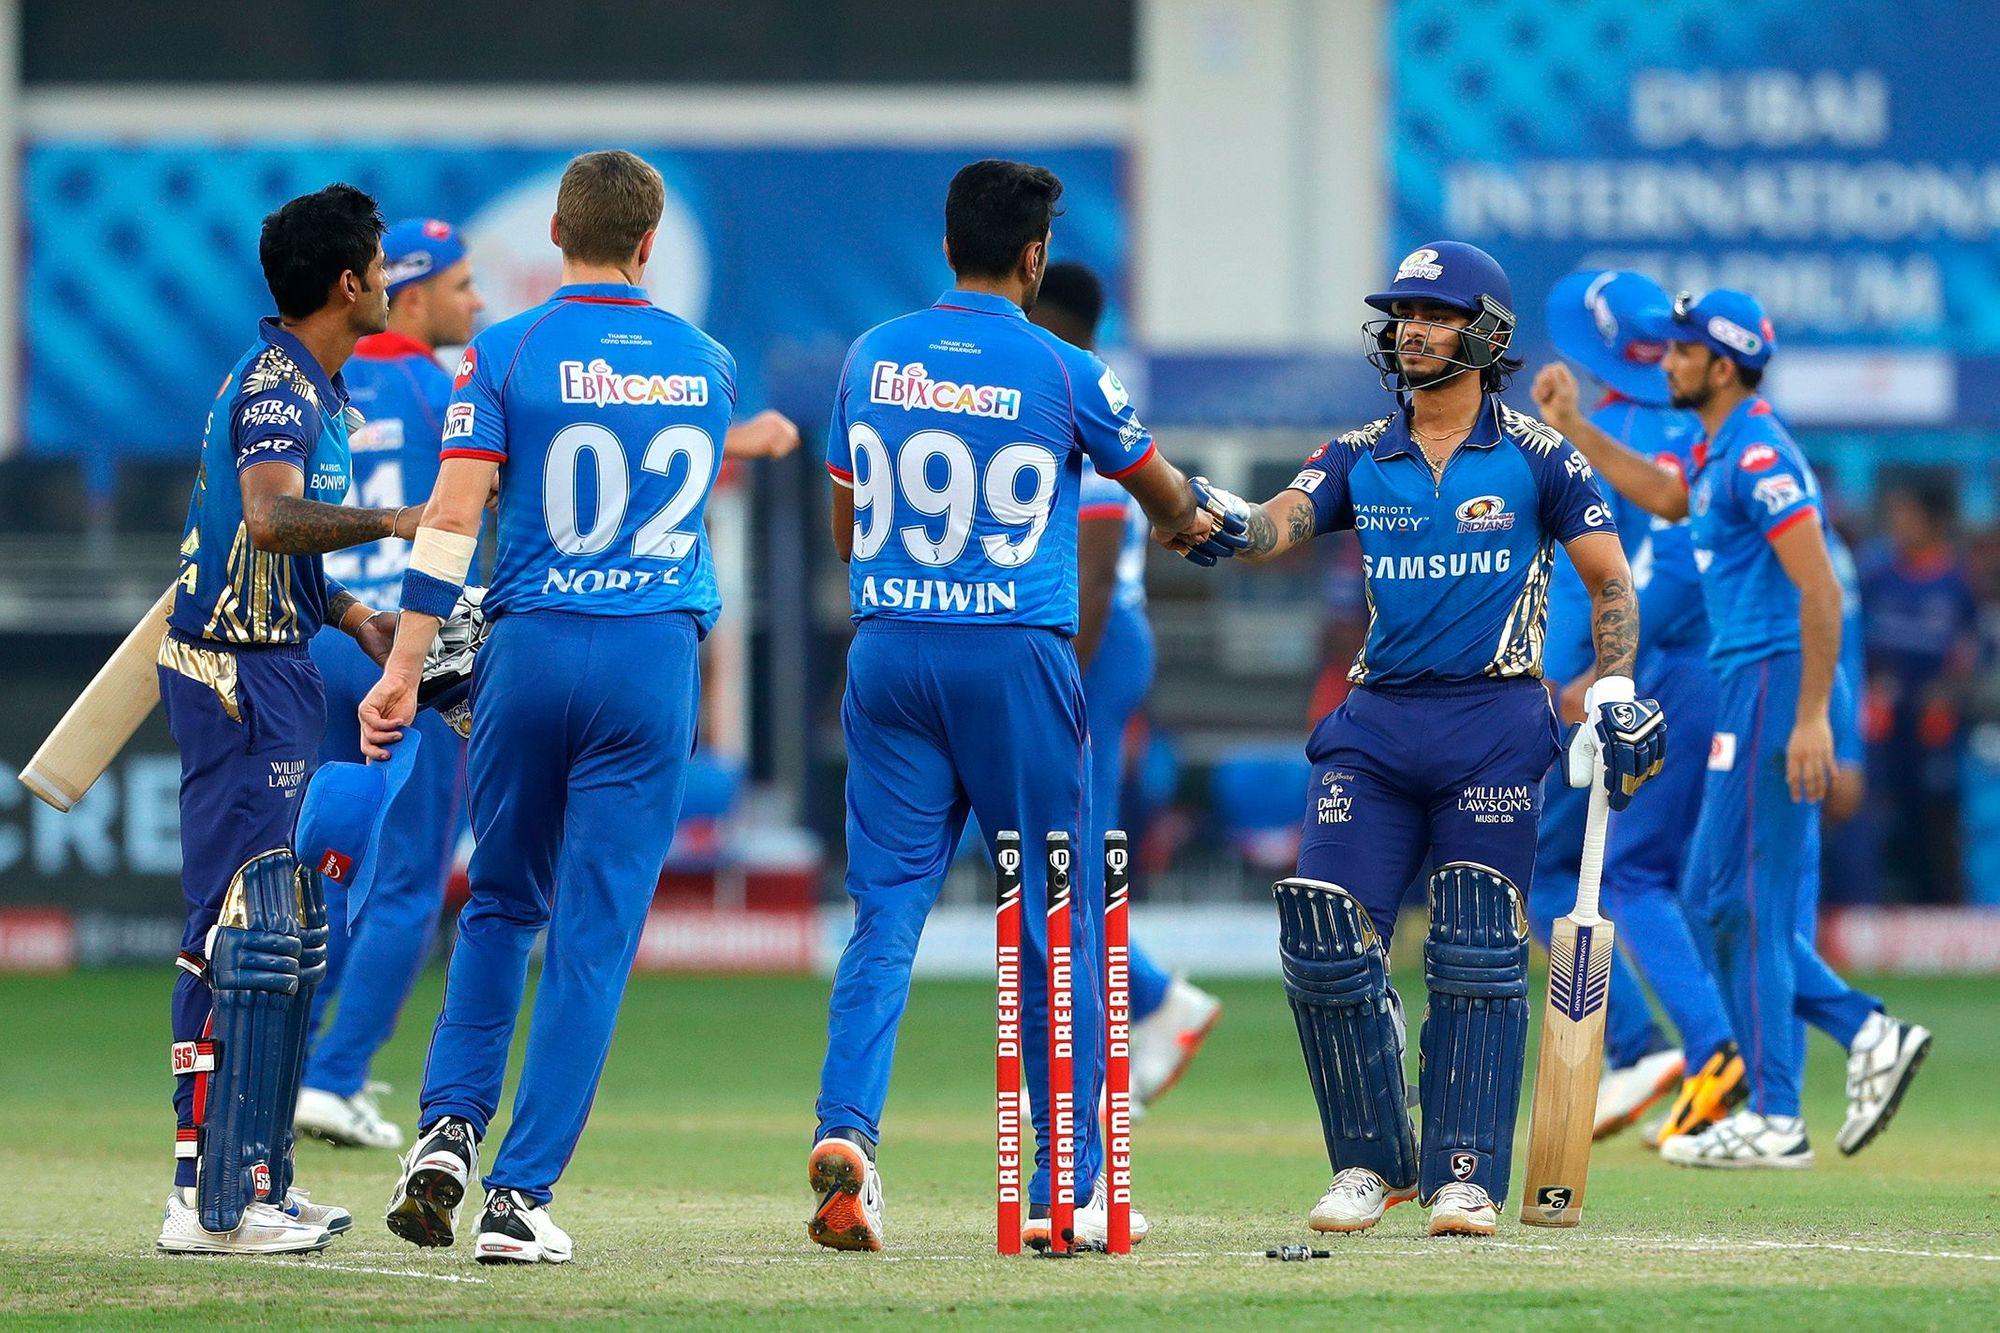 मुंबई की जीत के बाद जमकर उड़ा दिल्ली कैपिटल्स के बल्लेबाजों का मजाक, ट्विटर पर छाएं बुमराह 1